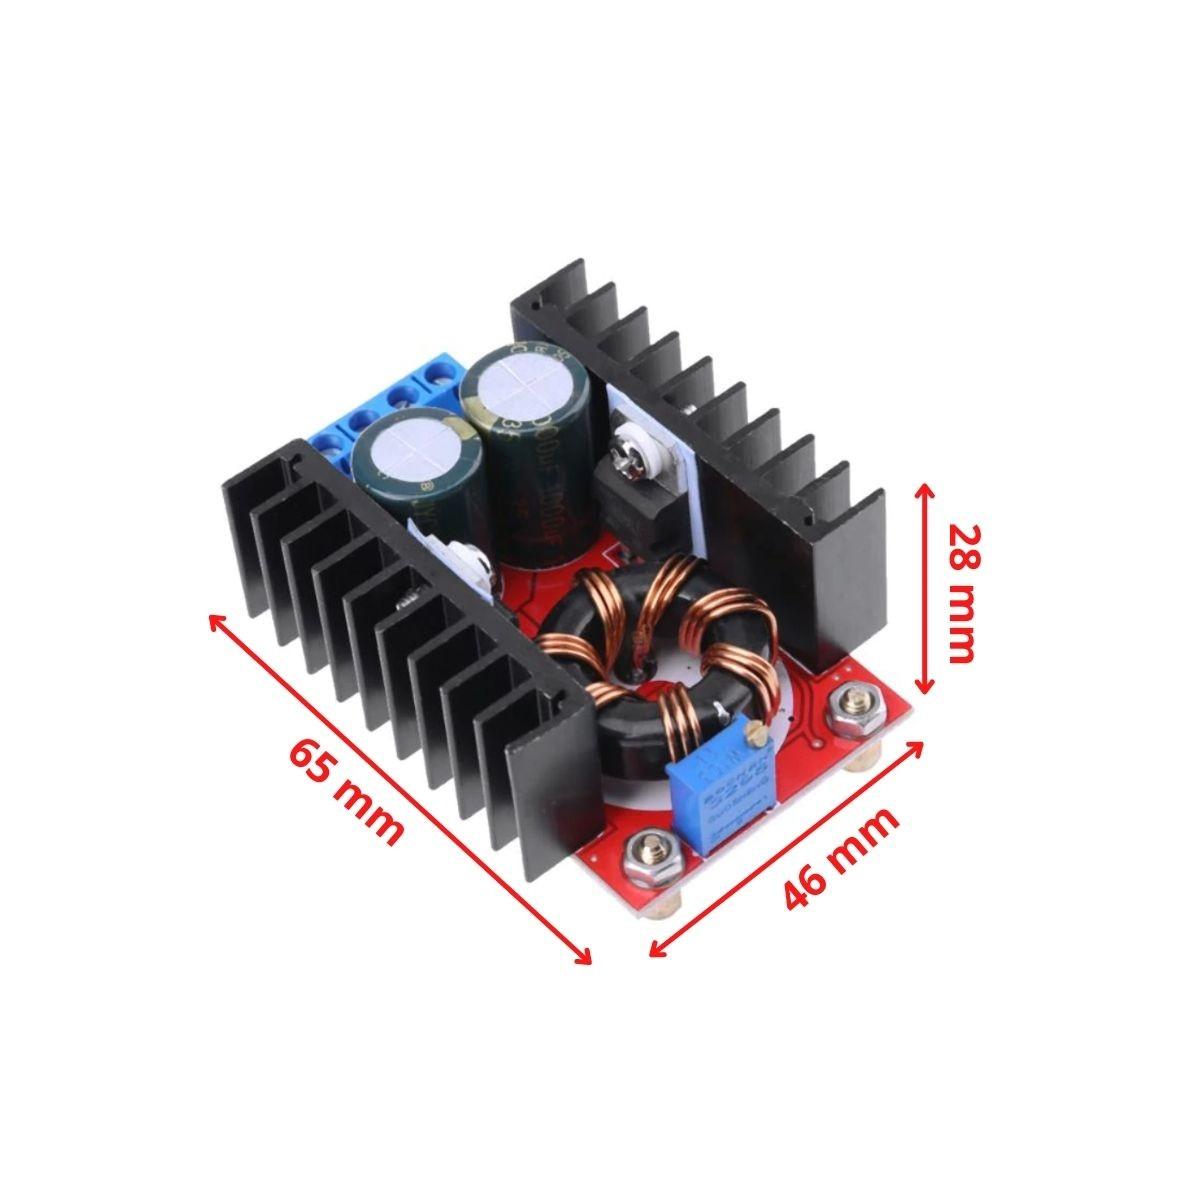 5x Regulador de Tensão Conversor DC Step Up 12v a 35v 150W Boost